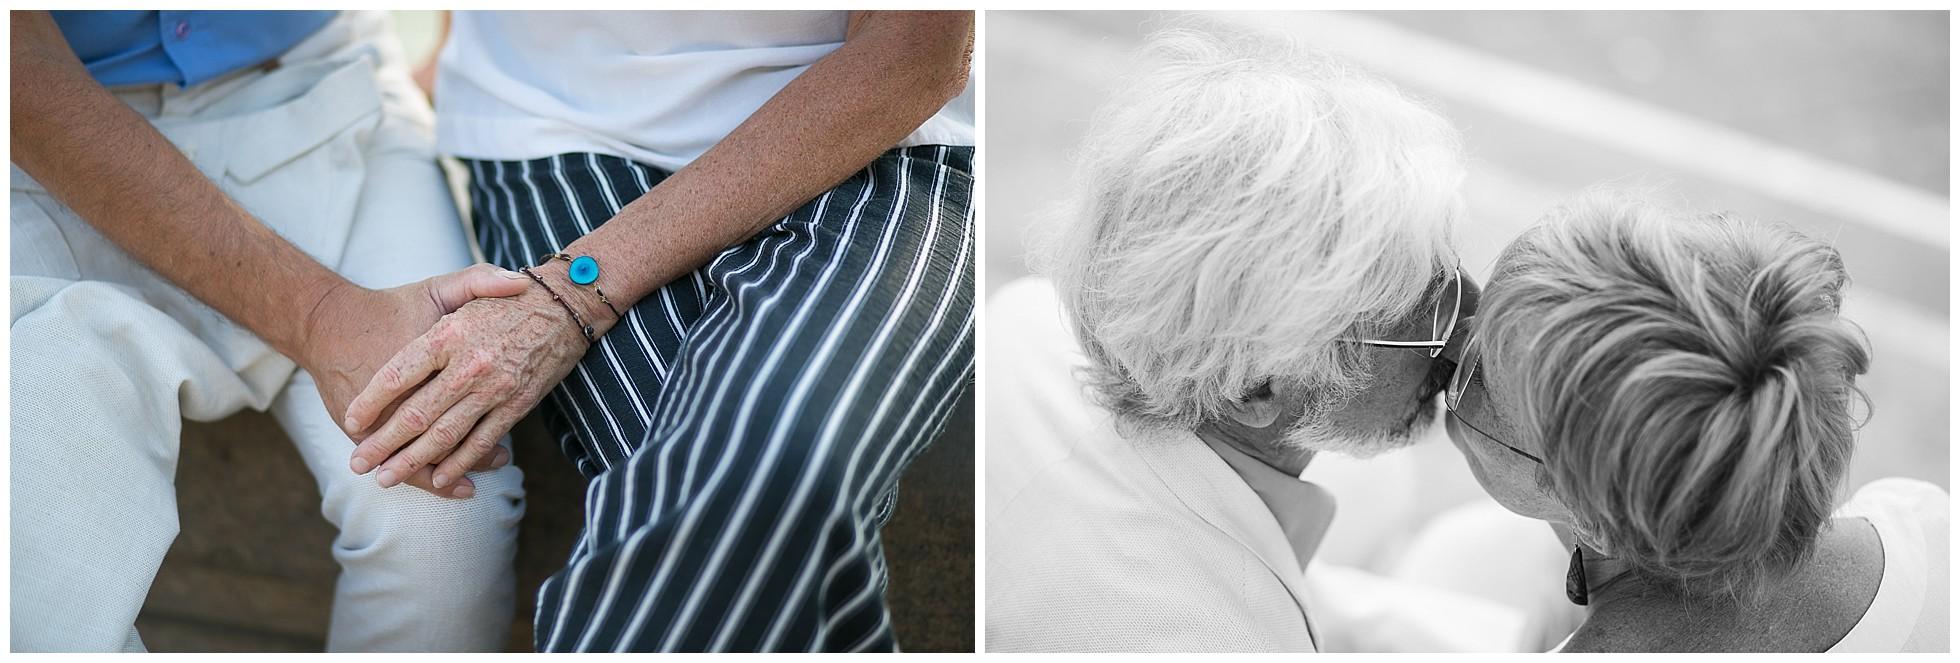 Detailfotos von einem verliebten älteren Paar